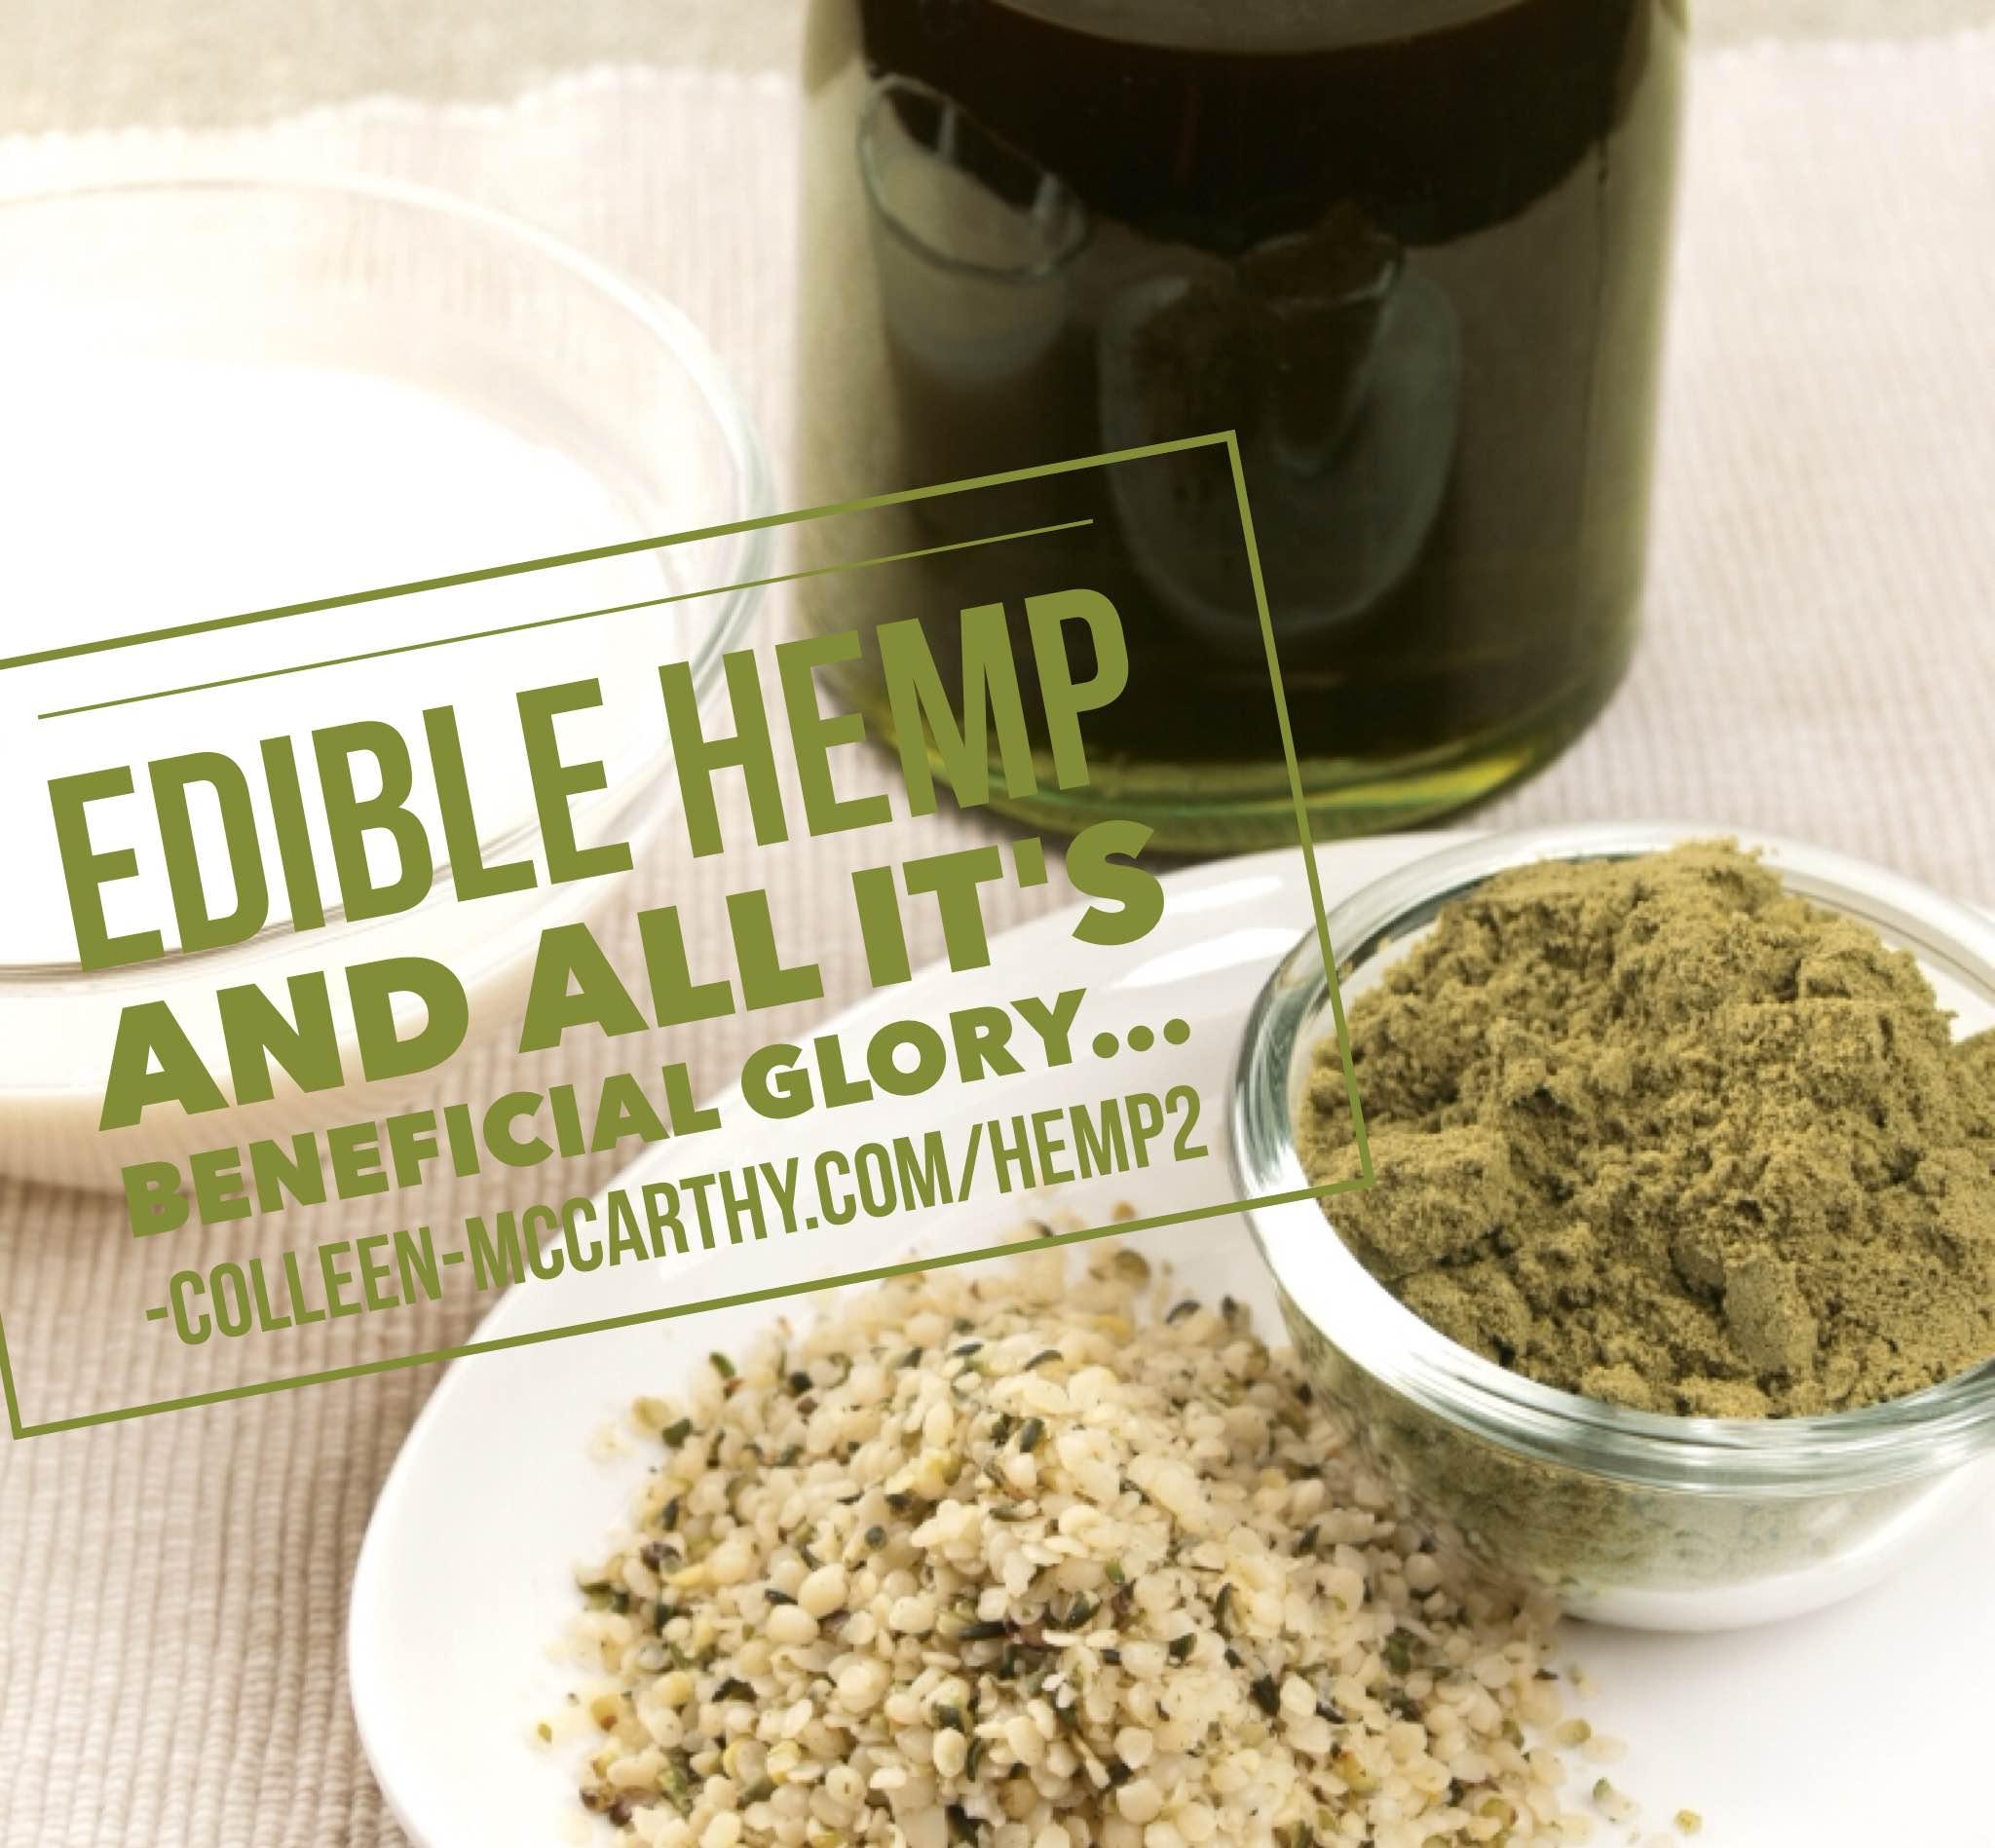 Edible Hemp